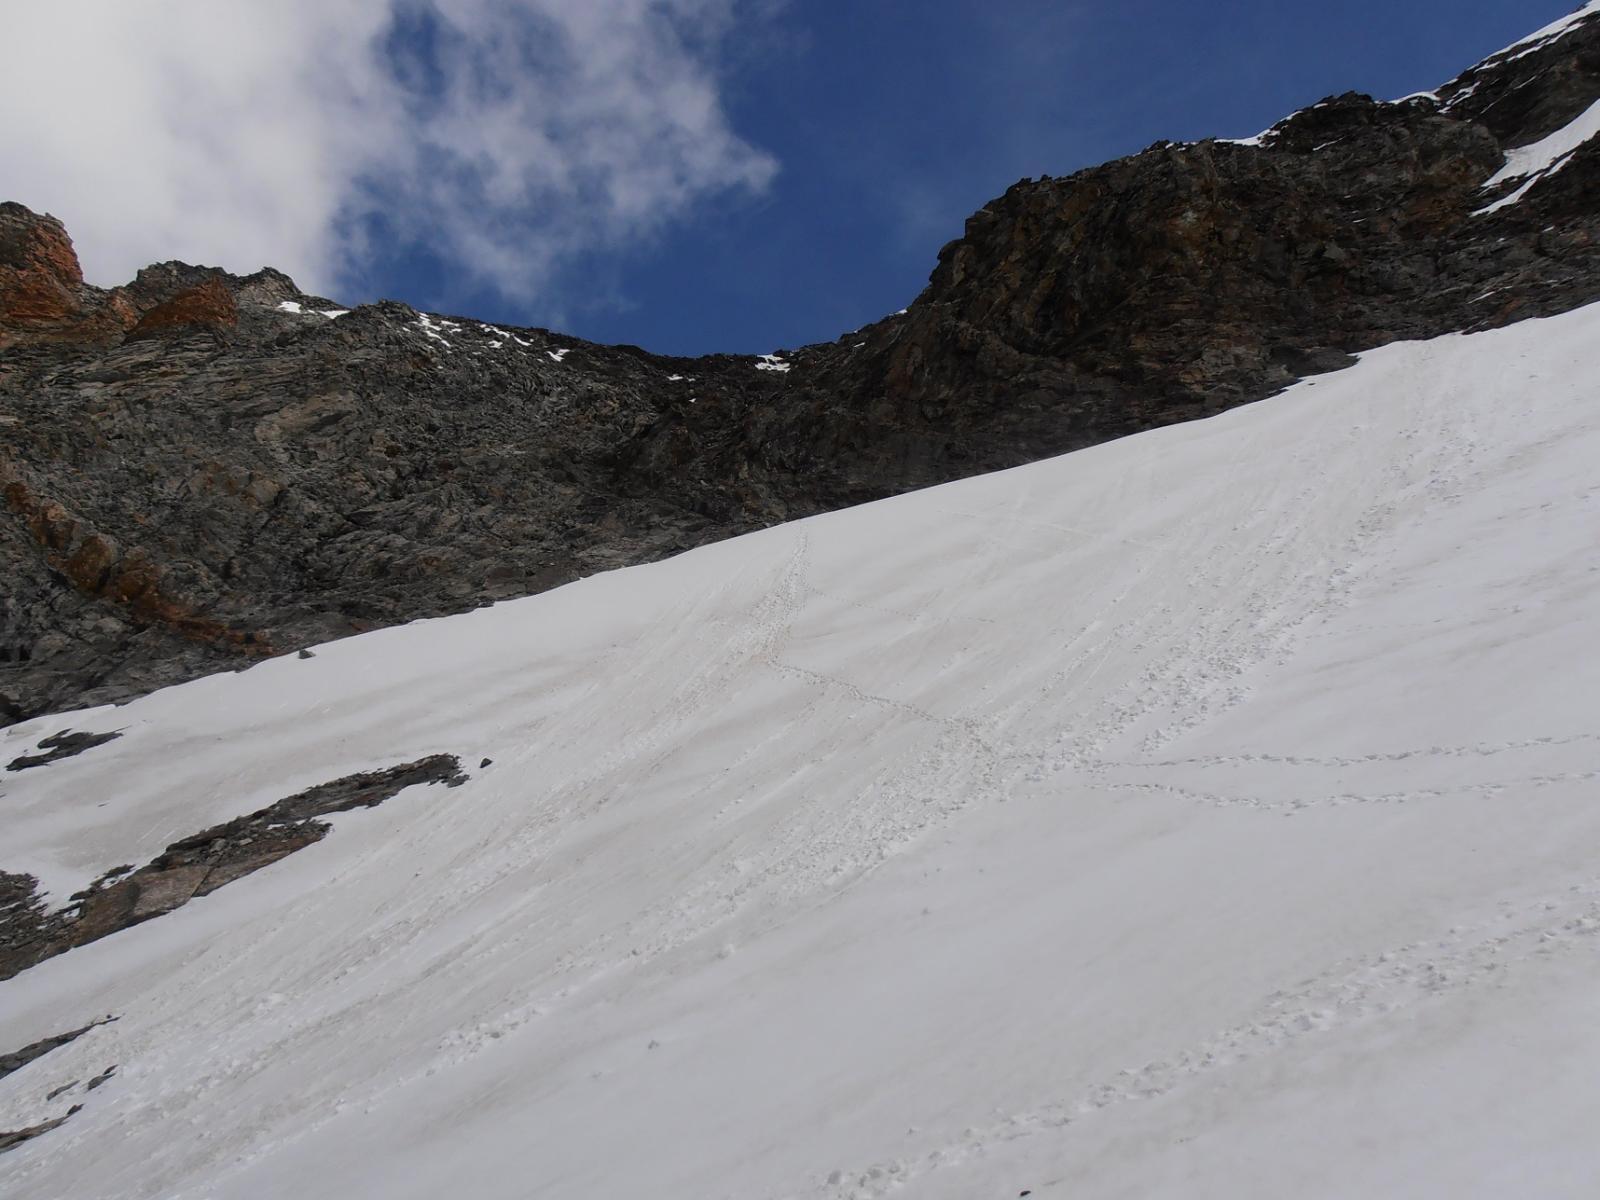 04 - nevaio (parte finale 40°) e salita  al Col della Division, senz'altro il tratto più impegnativo della gita